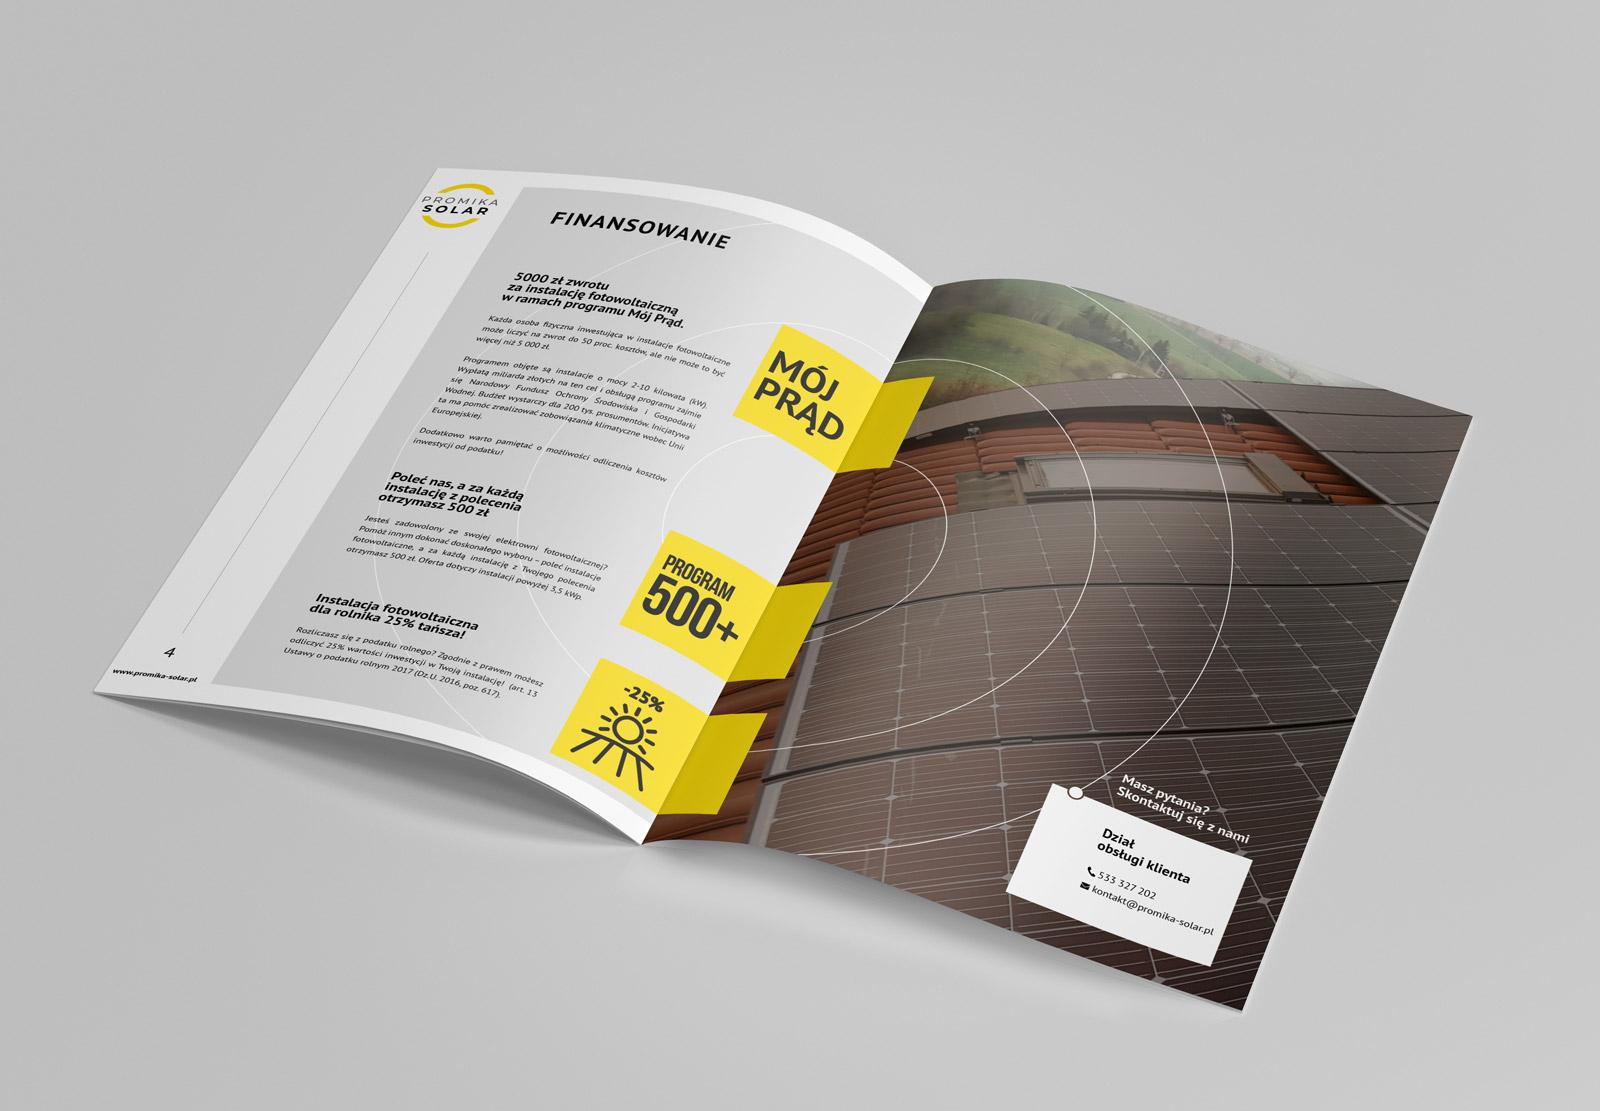 Promika Solar - broszura ofertowa - projekt i wizualizacja na mmockupie 3 - strony środkowe